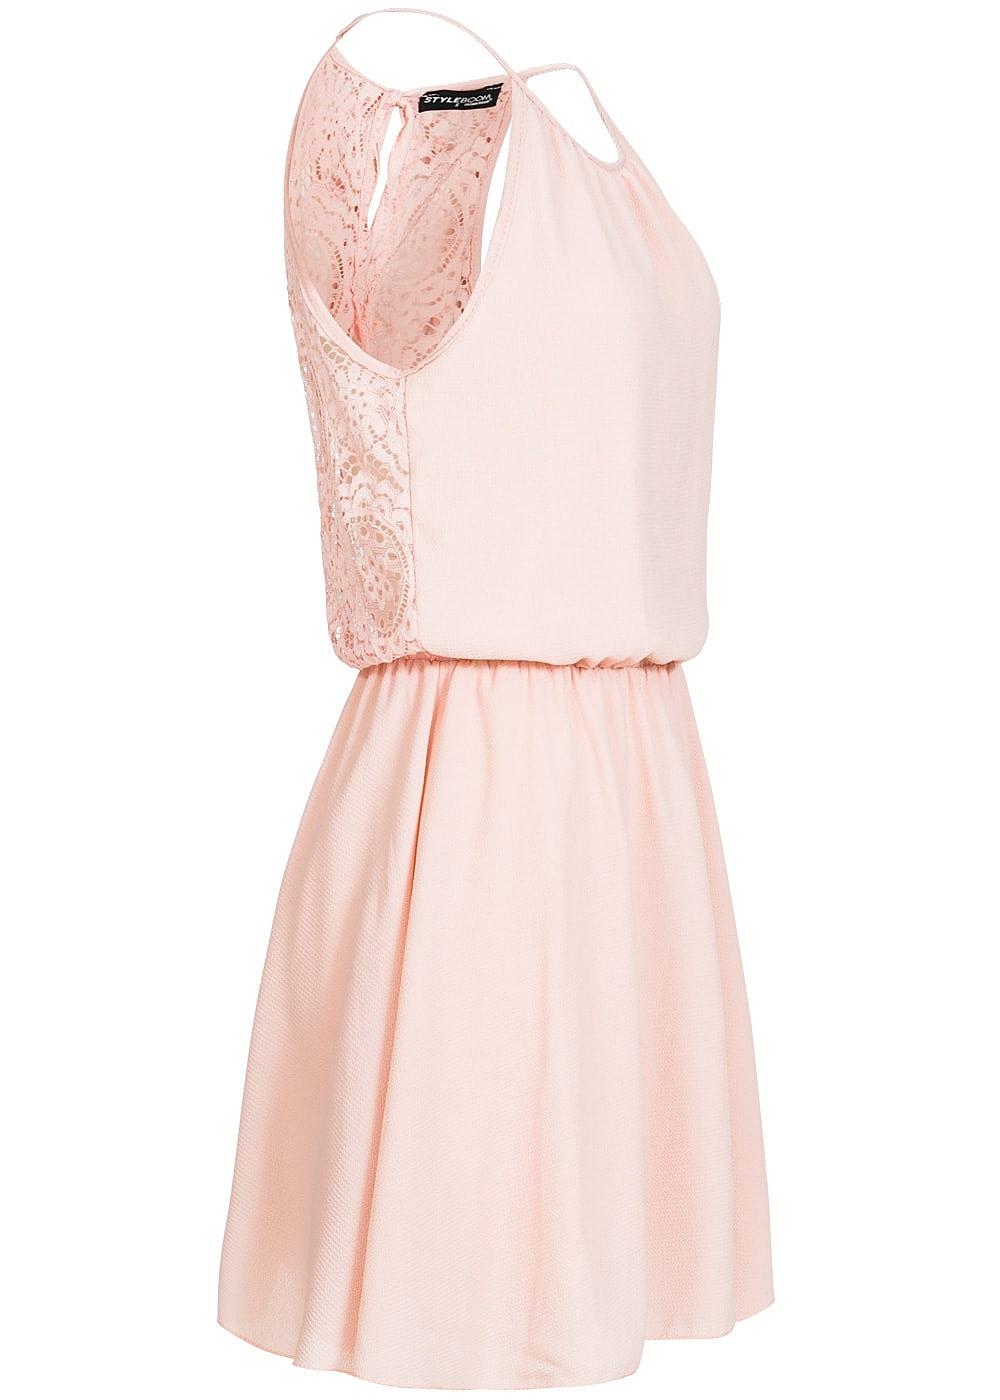 Abend Perfekt Kleid Spitze Rosa Galerie20 Erstaunlich Kleid Spitze Rosa Vertrieb